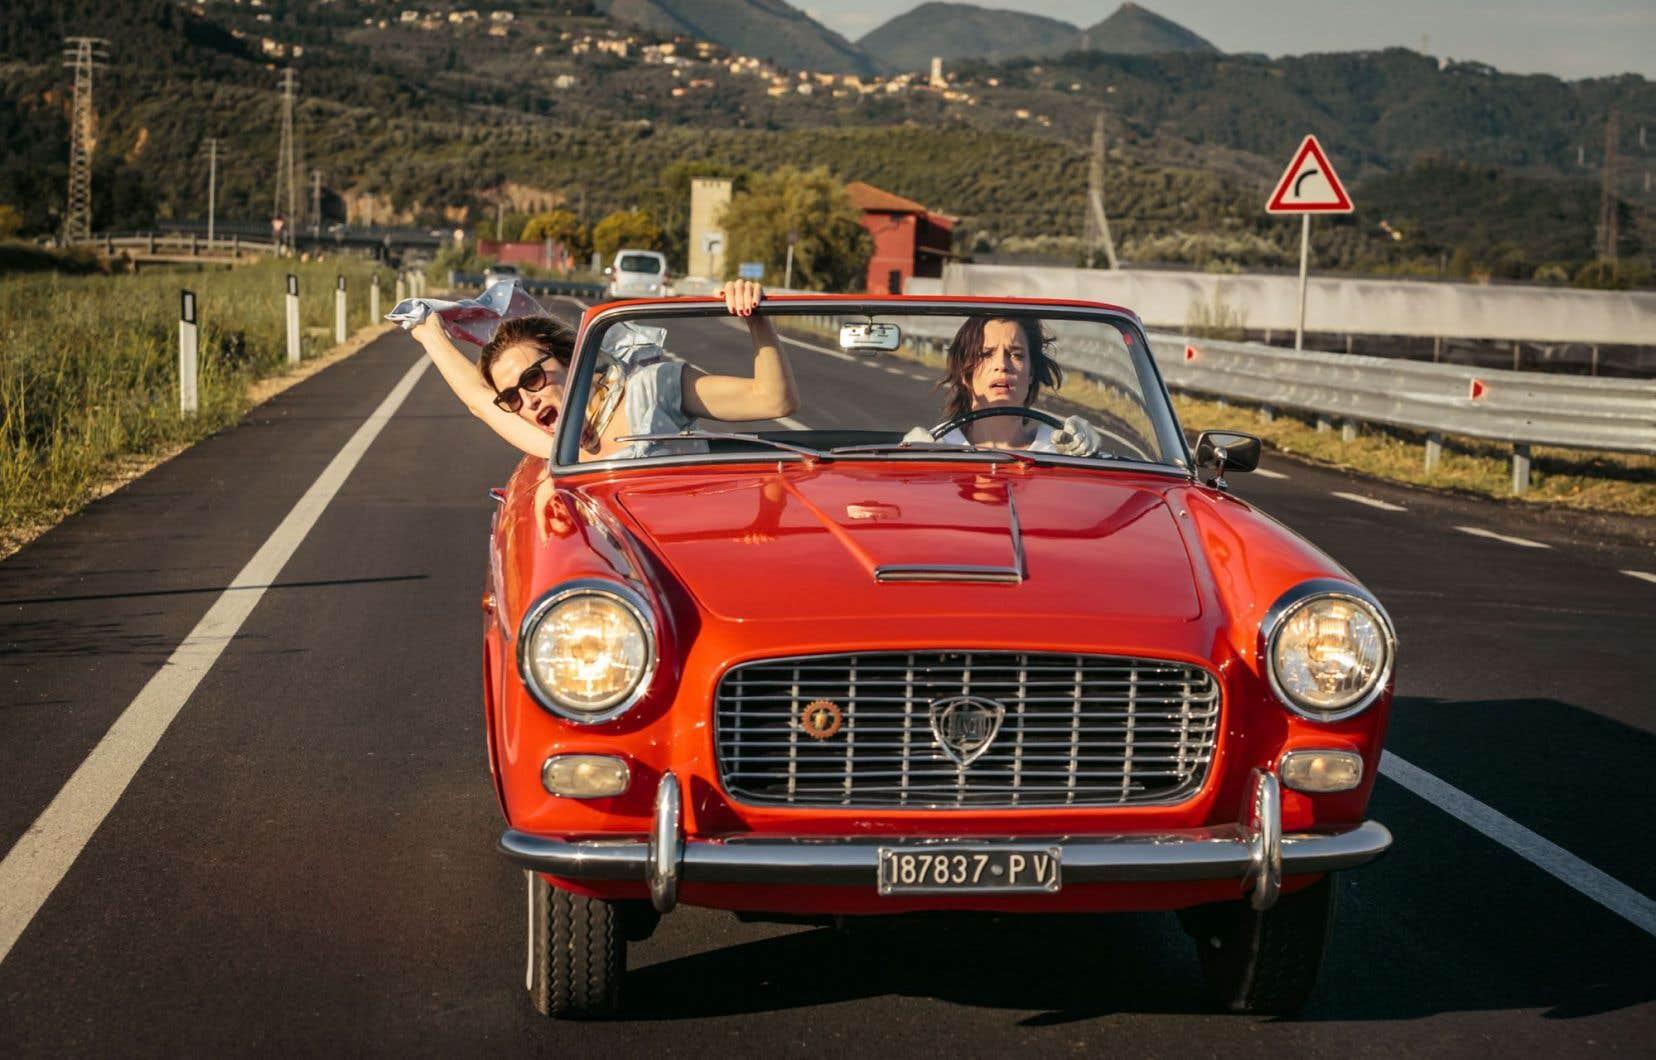 Valeria Bruni Tedeschi et Micaela Ramazzotti n'ont que faire des bonnes manières dans cette comédie délirante de Paolo Virzi.